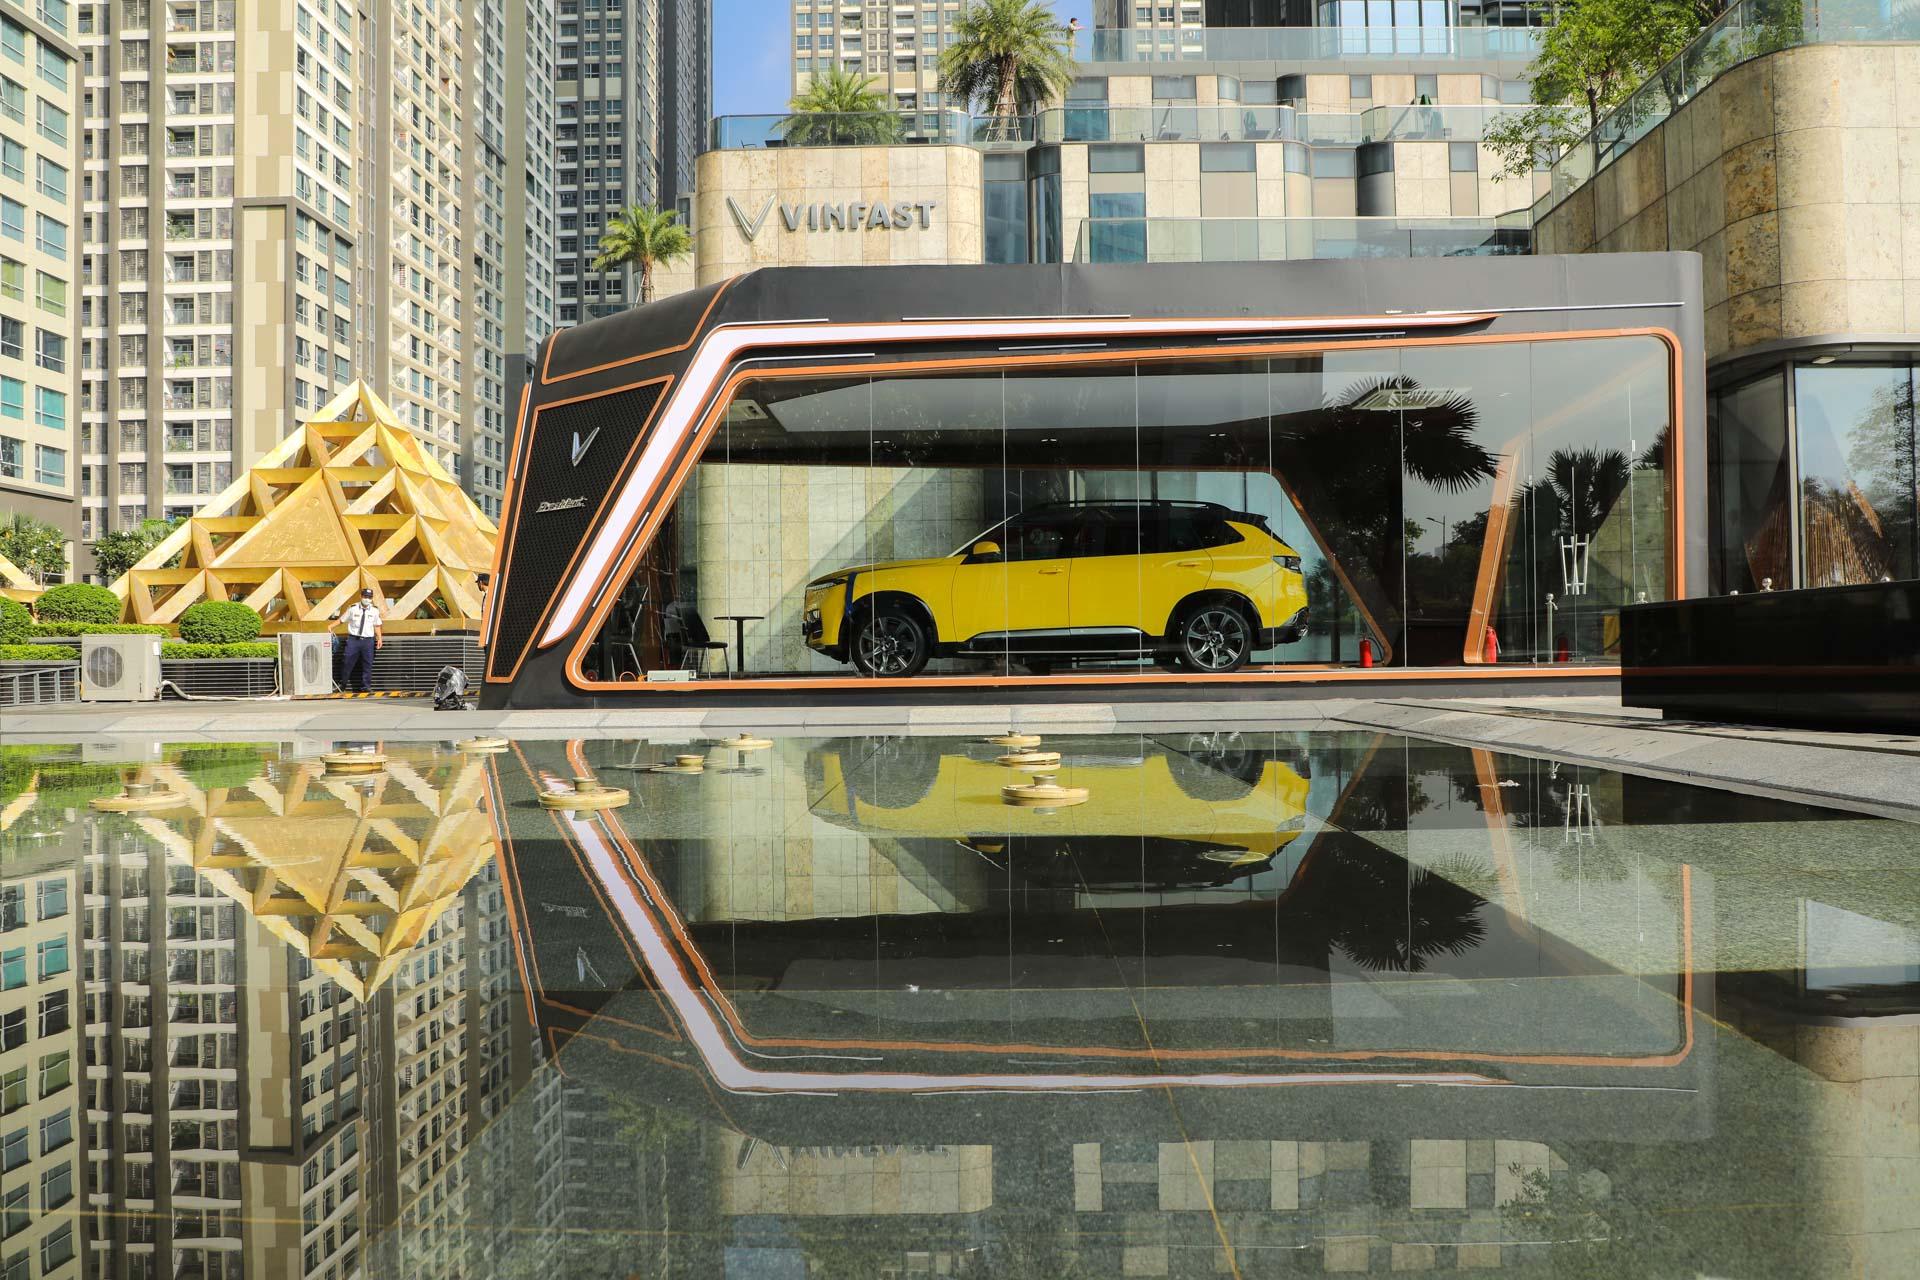 VinFast President khoe dáng bên Landmark 81: Chất từ xe đến… phòng trưng bày 5